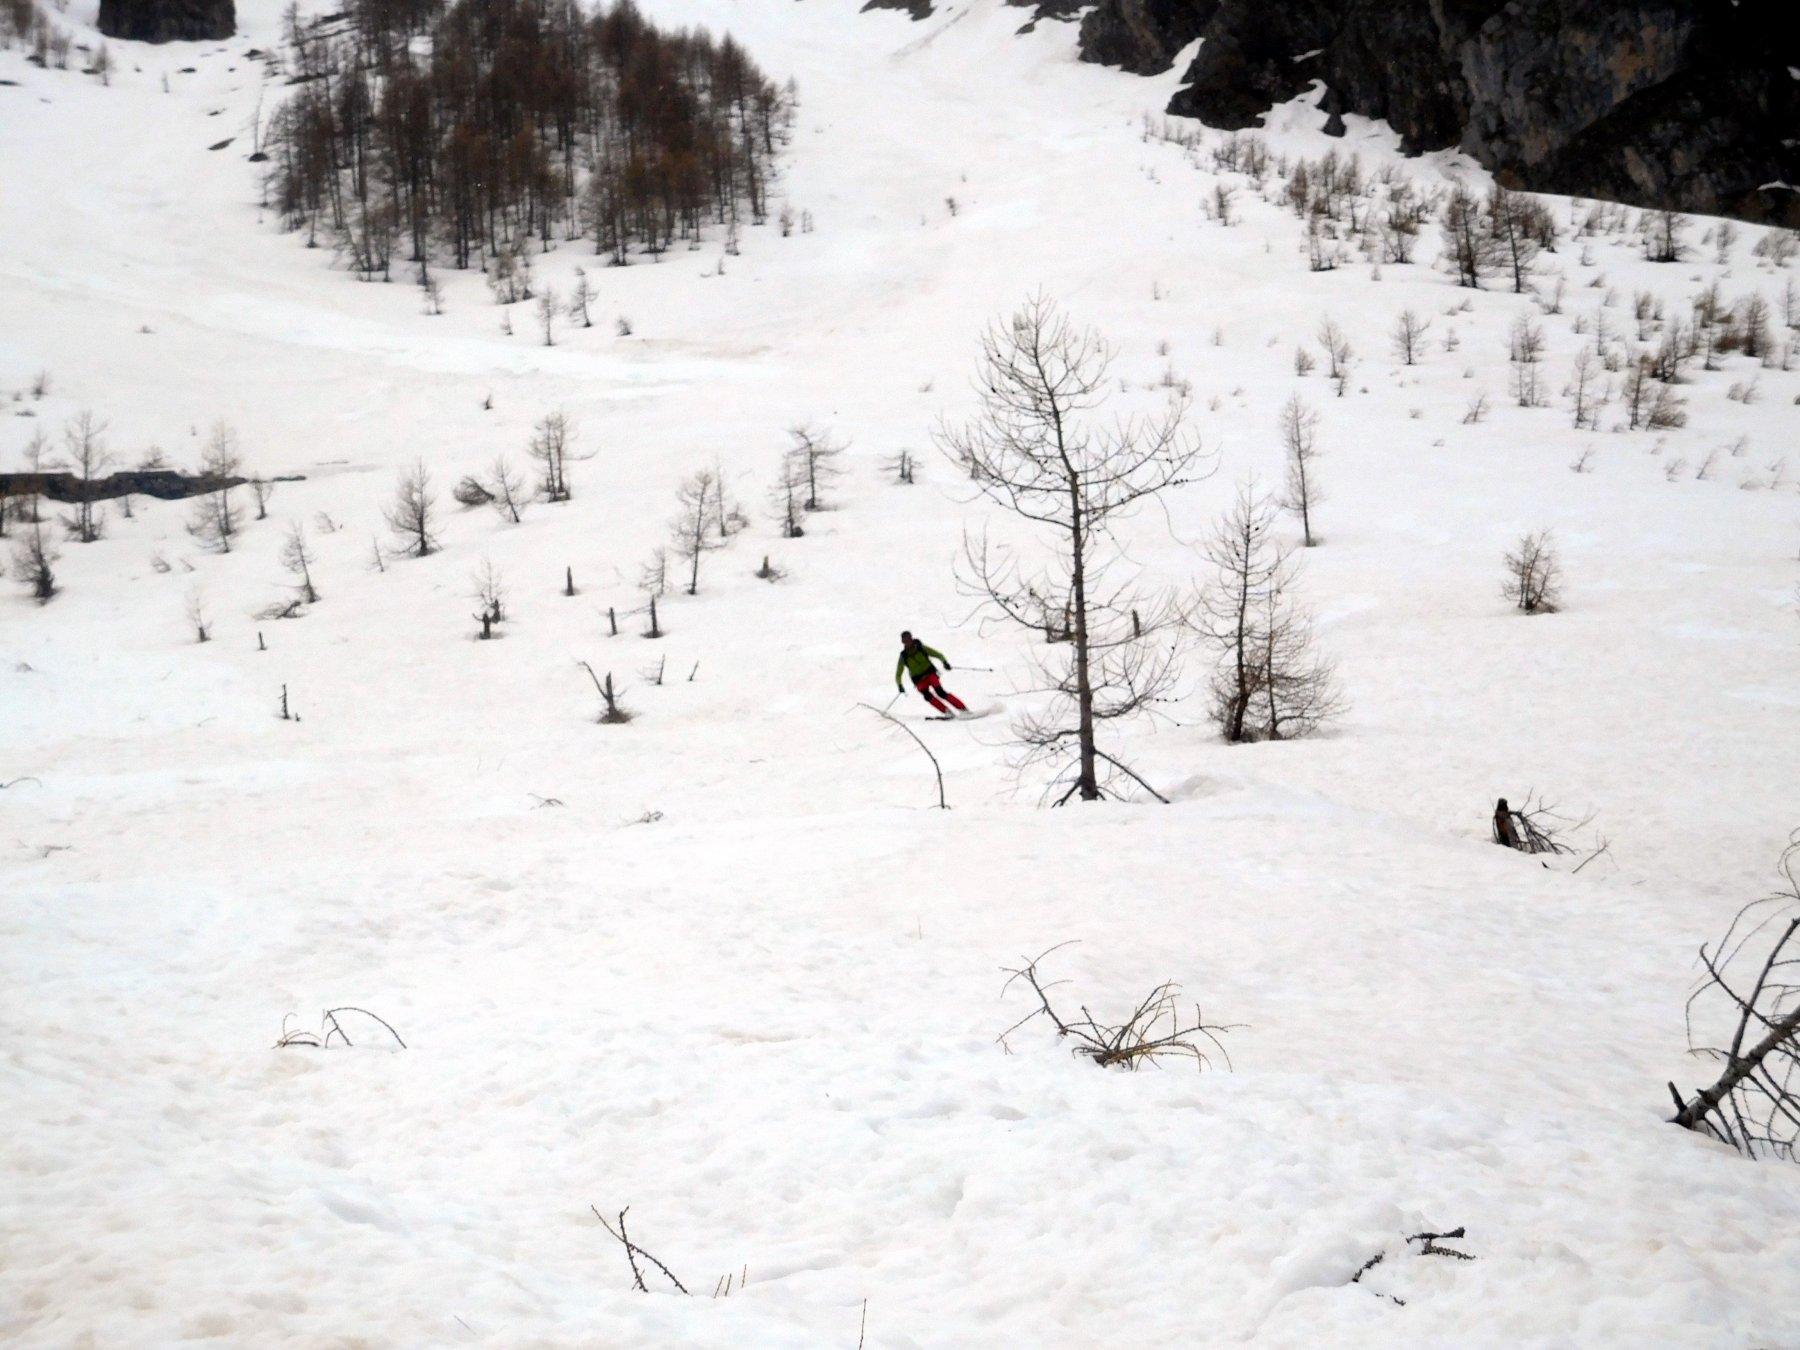 neve molto bella anche in basso sotto Le Teste